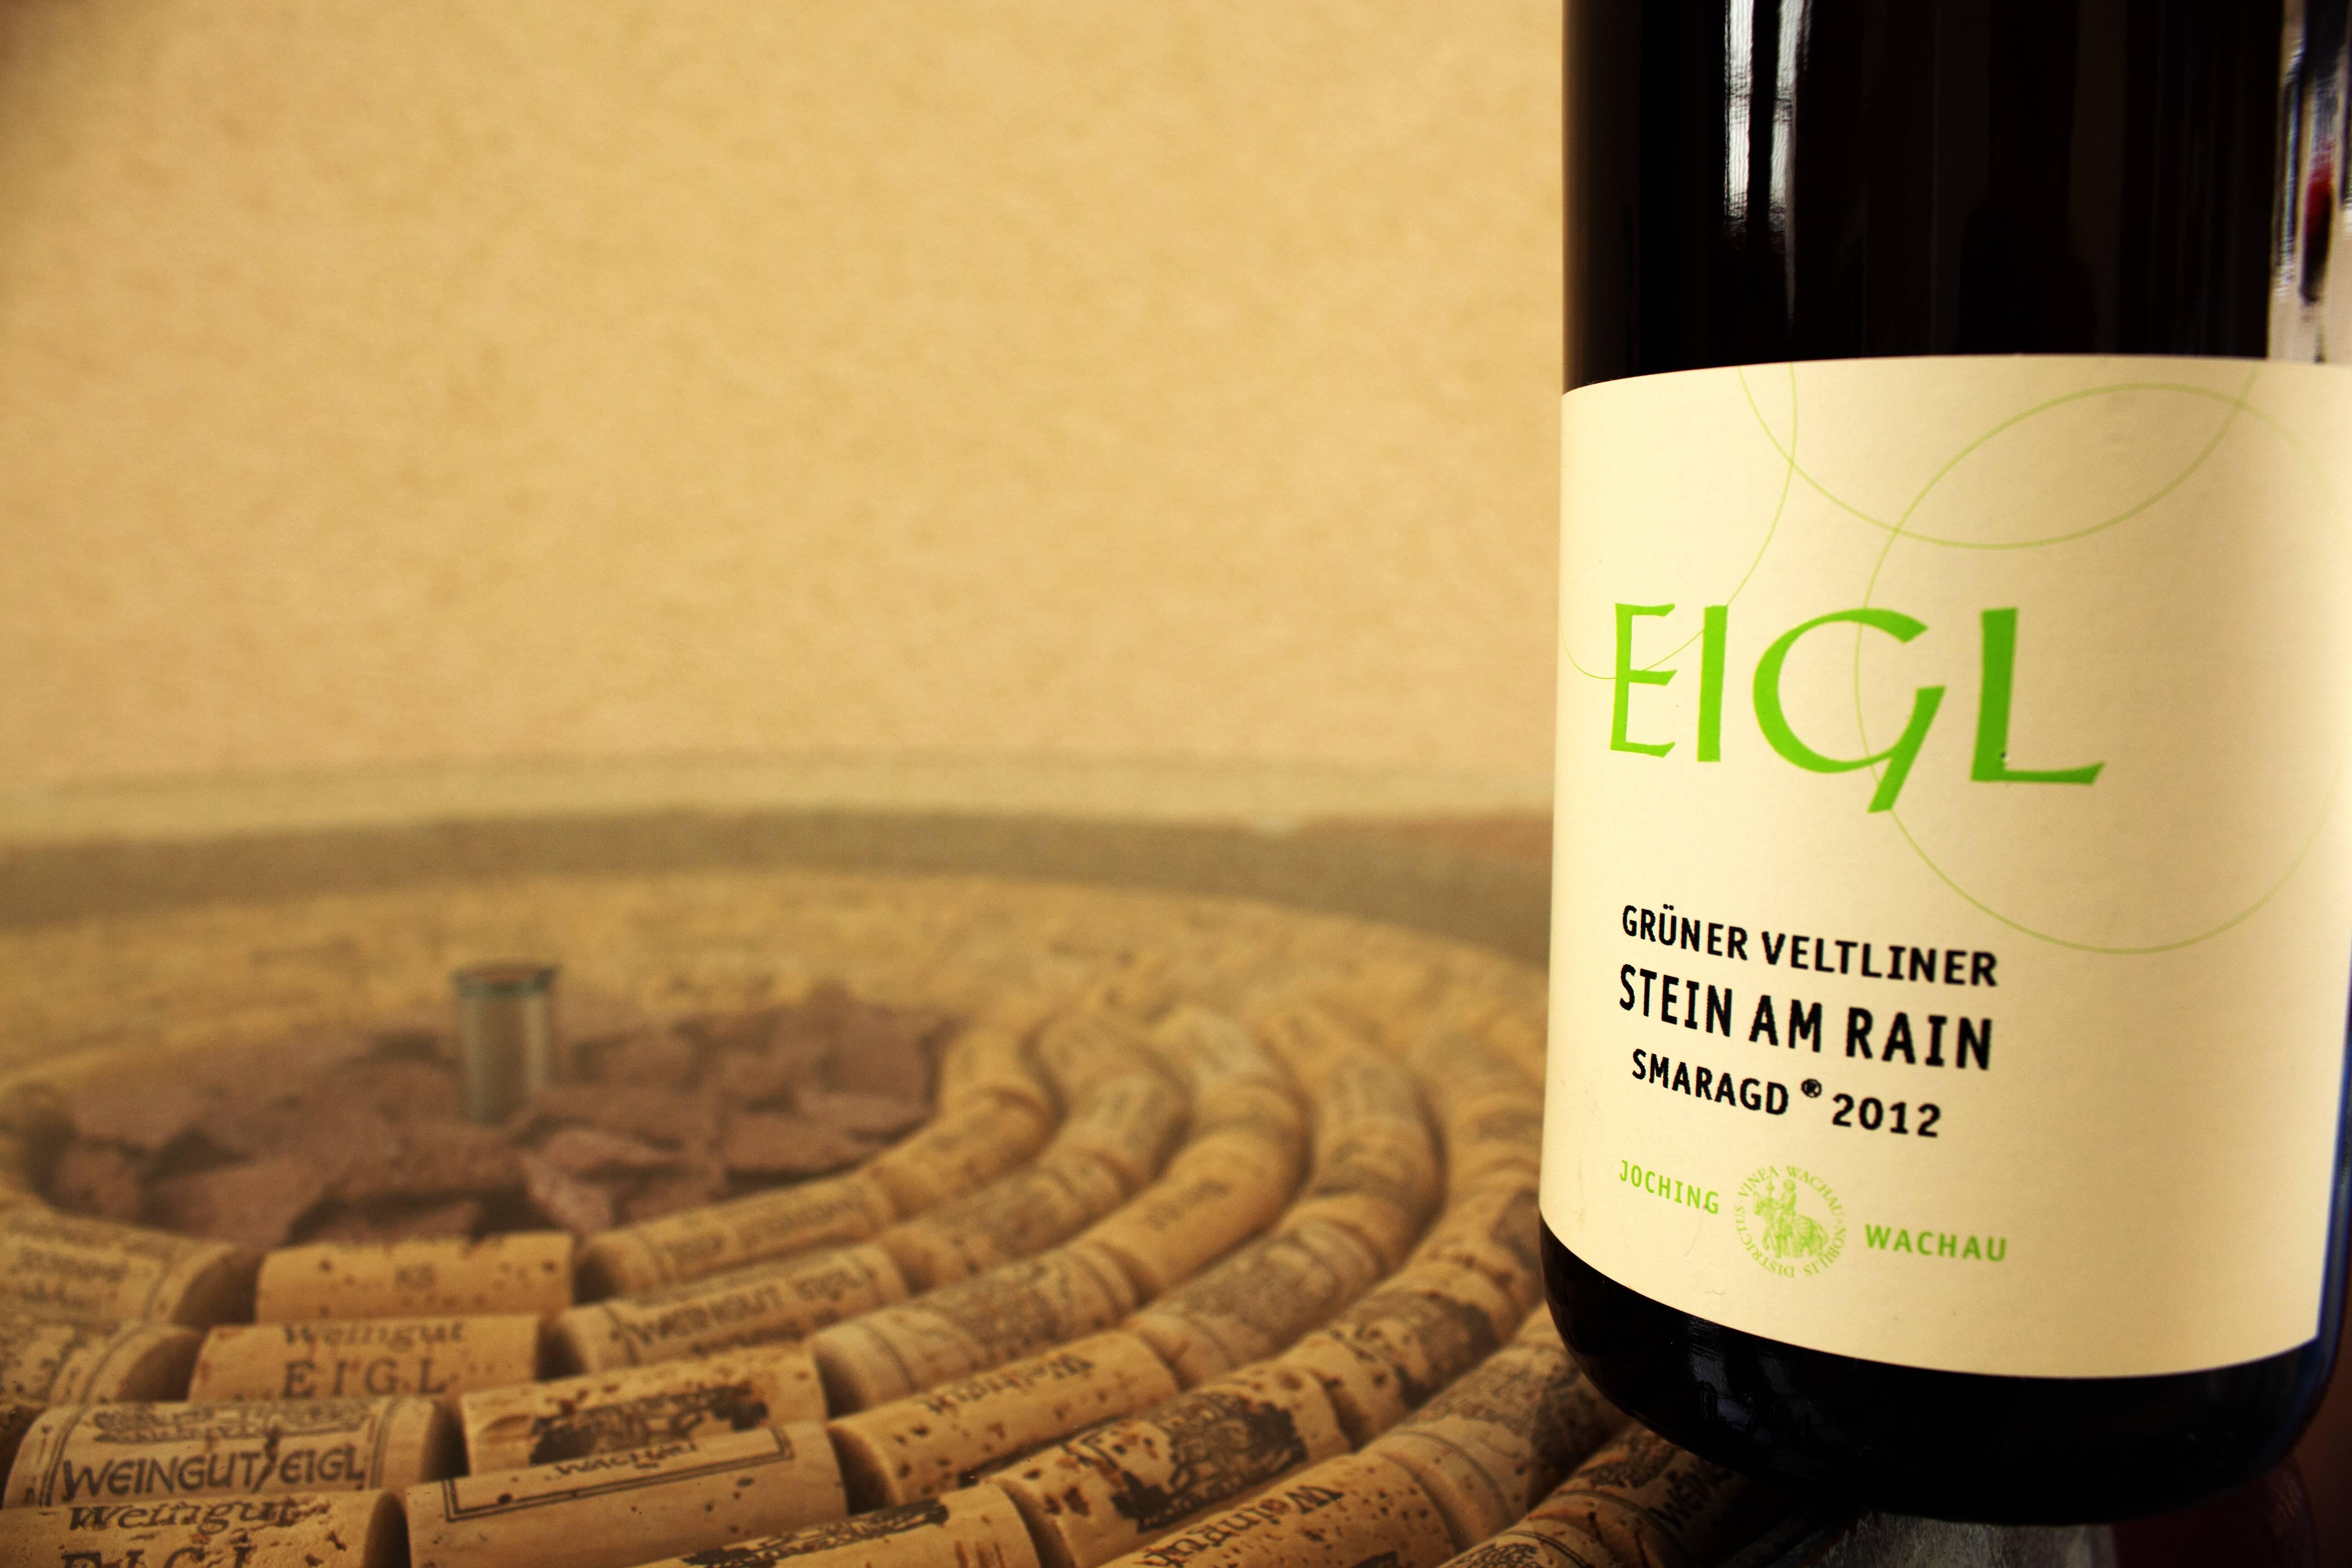 Weingut Eigl